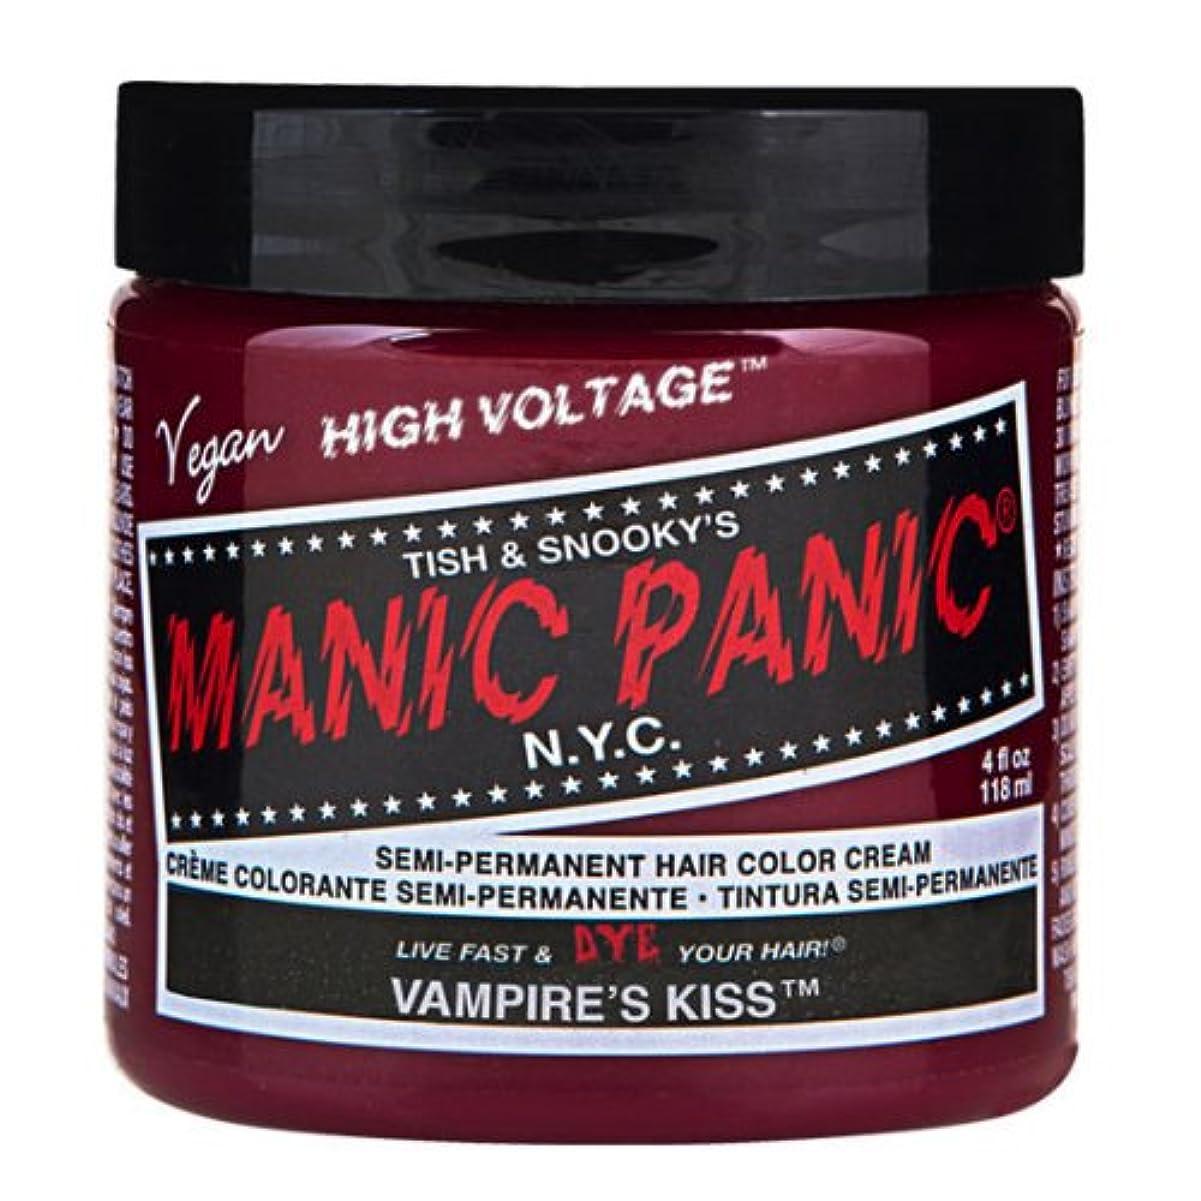 休暇そんなに雇用マニックパニック カラークリーム ヴァンパイアキッス